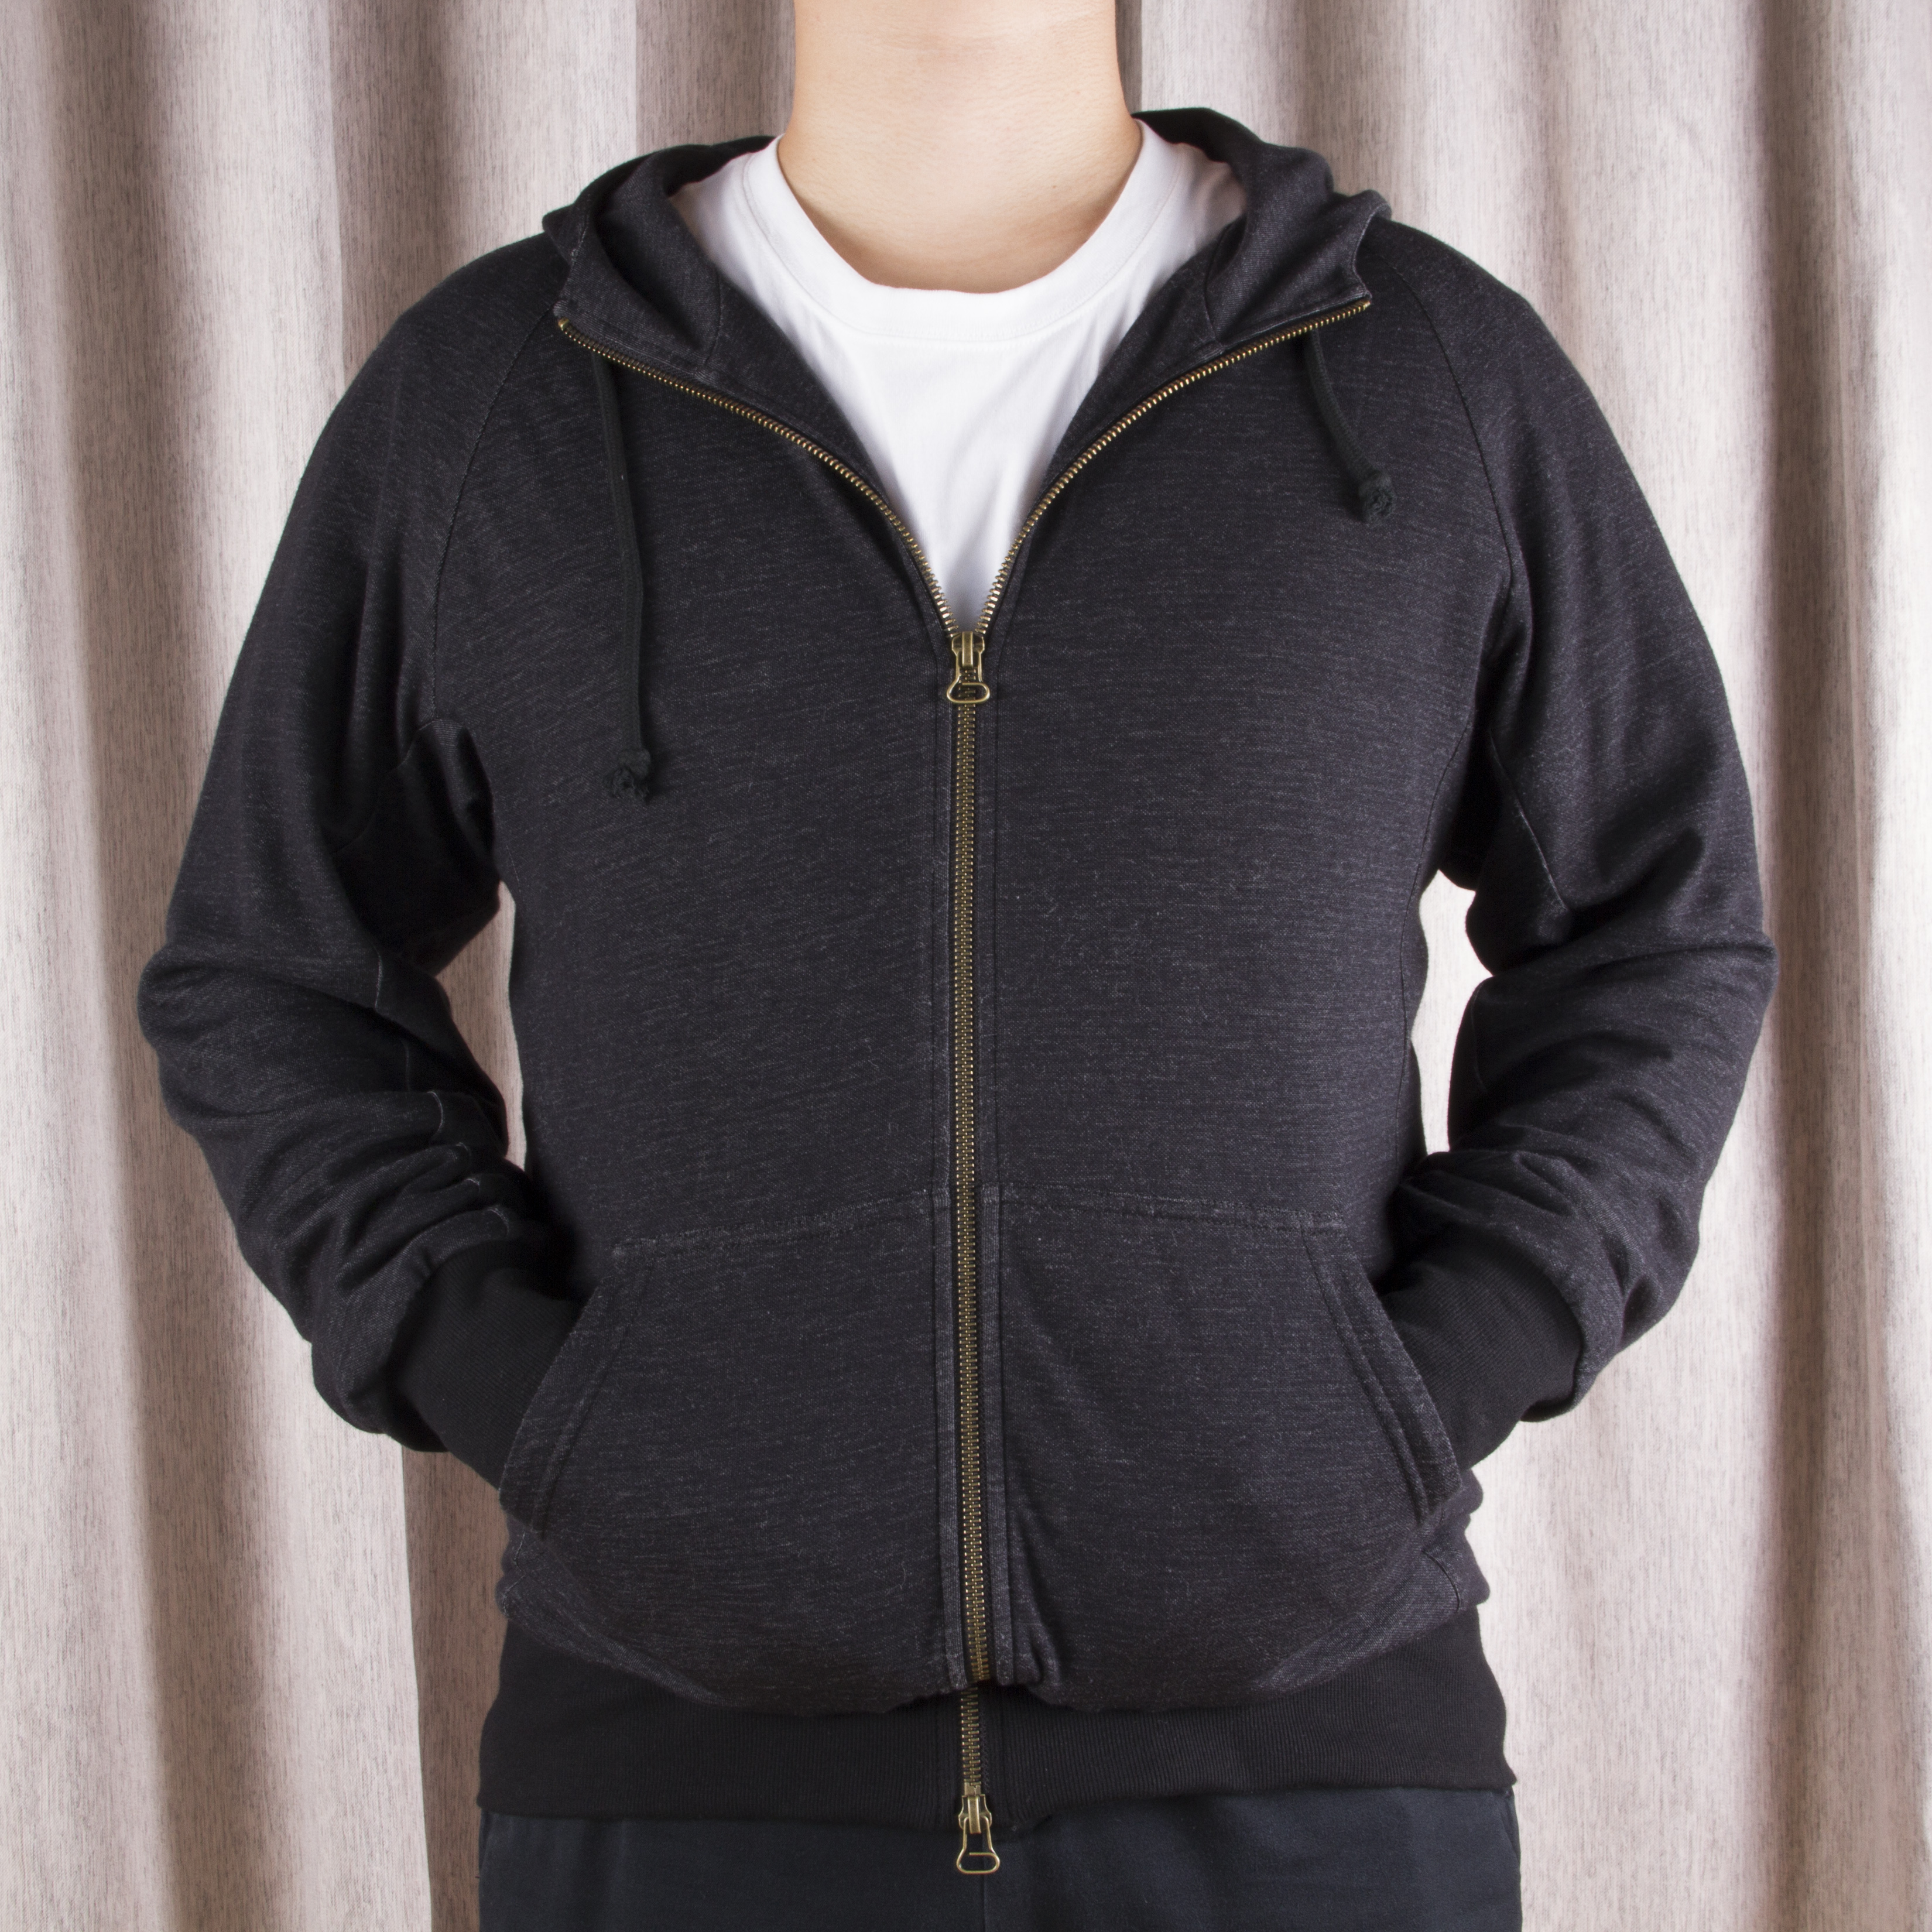 帶屏蔽拉鏈銀纖維棉針織電磁波屏蔽開衫衛衣